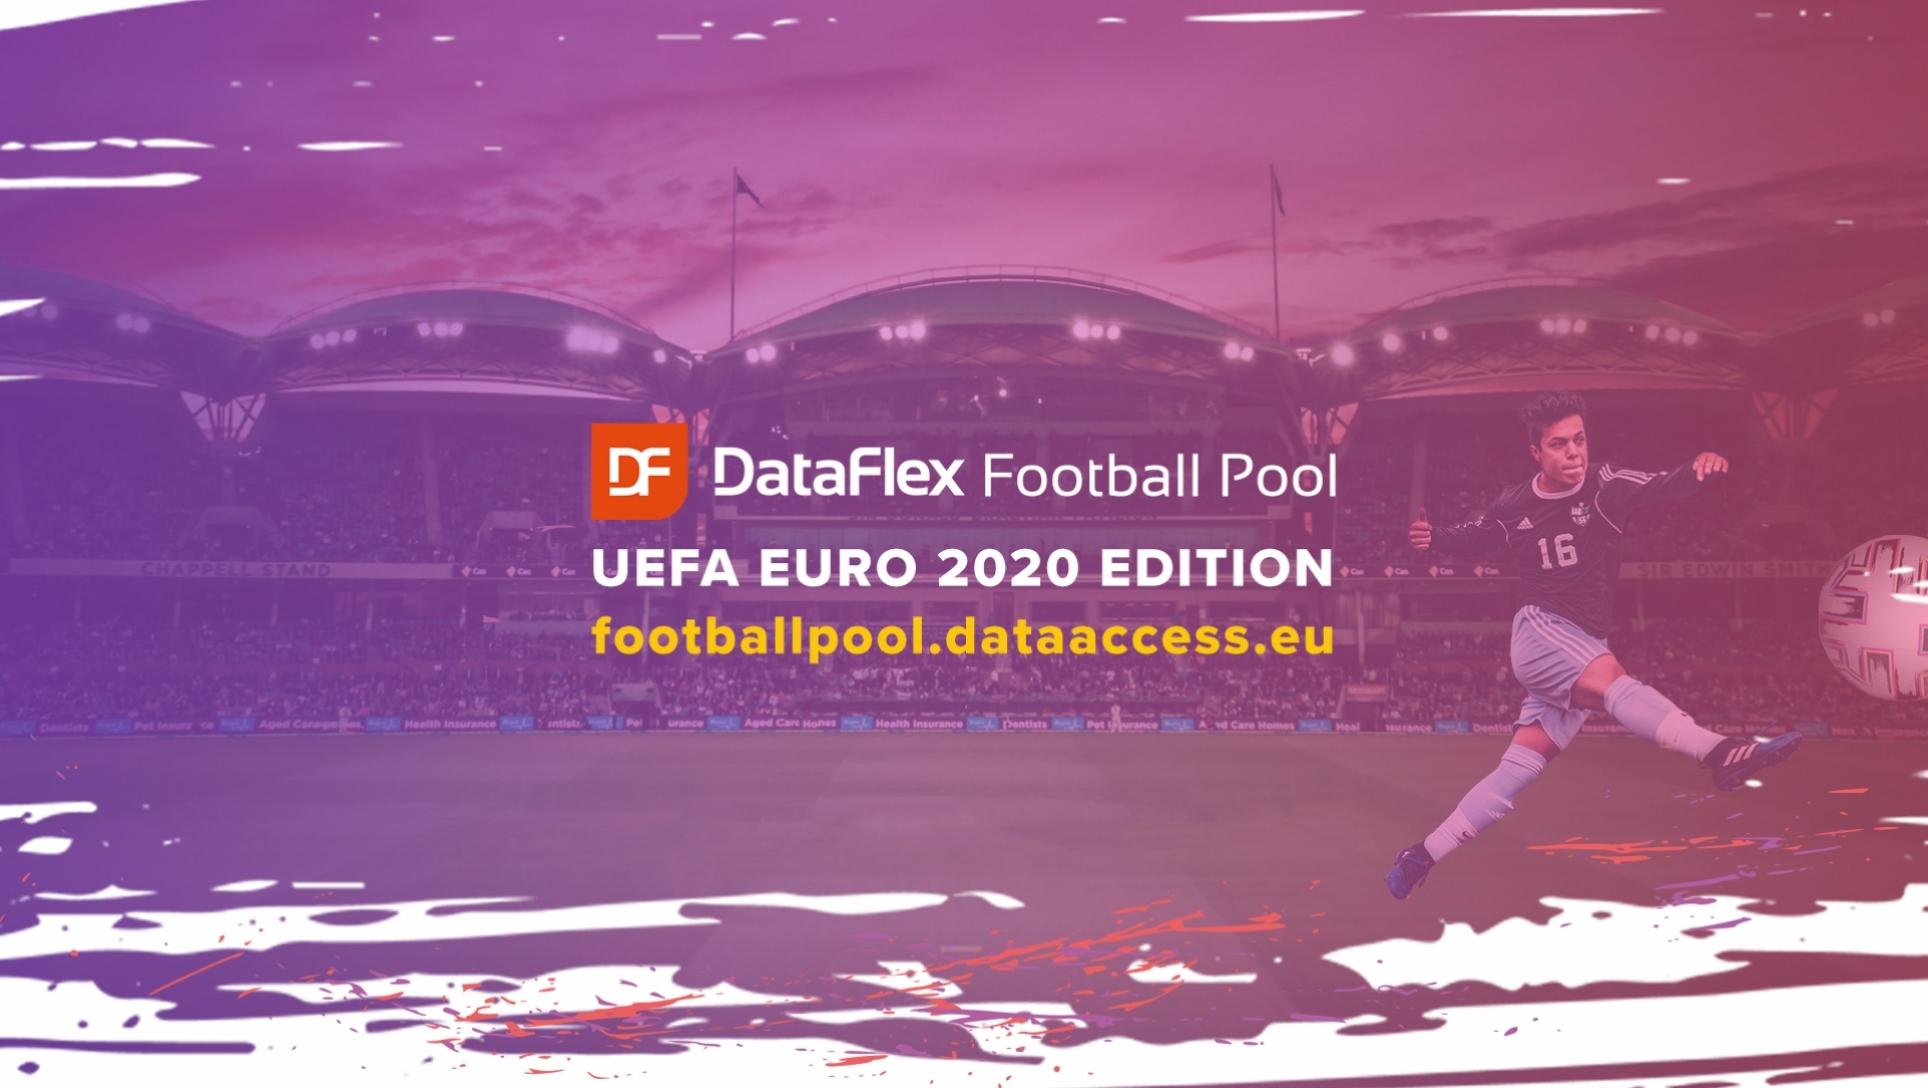 DataFlex Football Pool